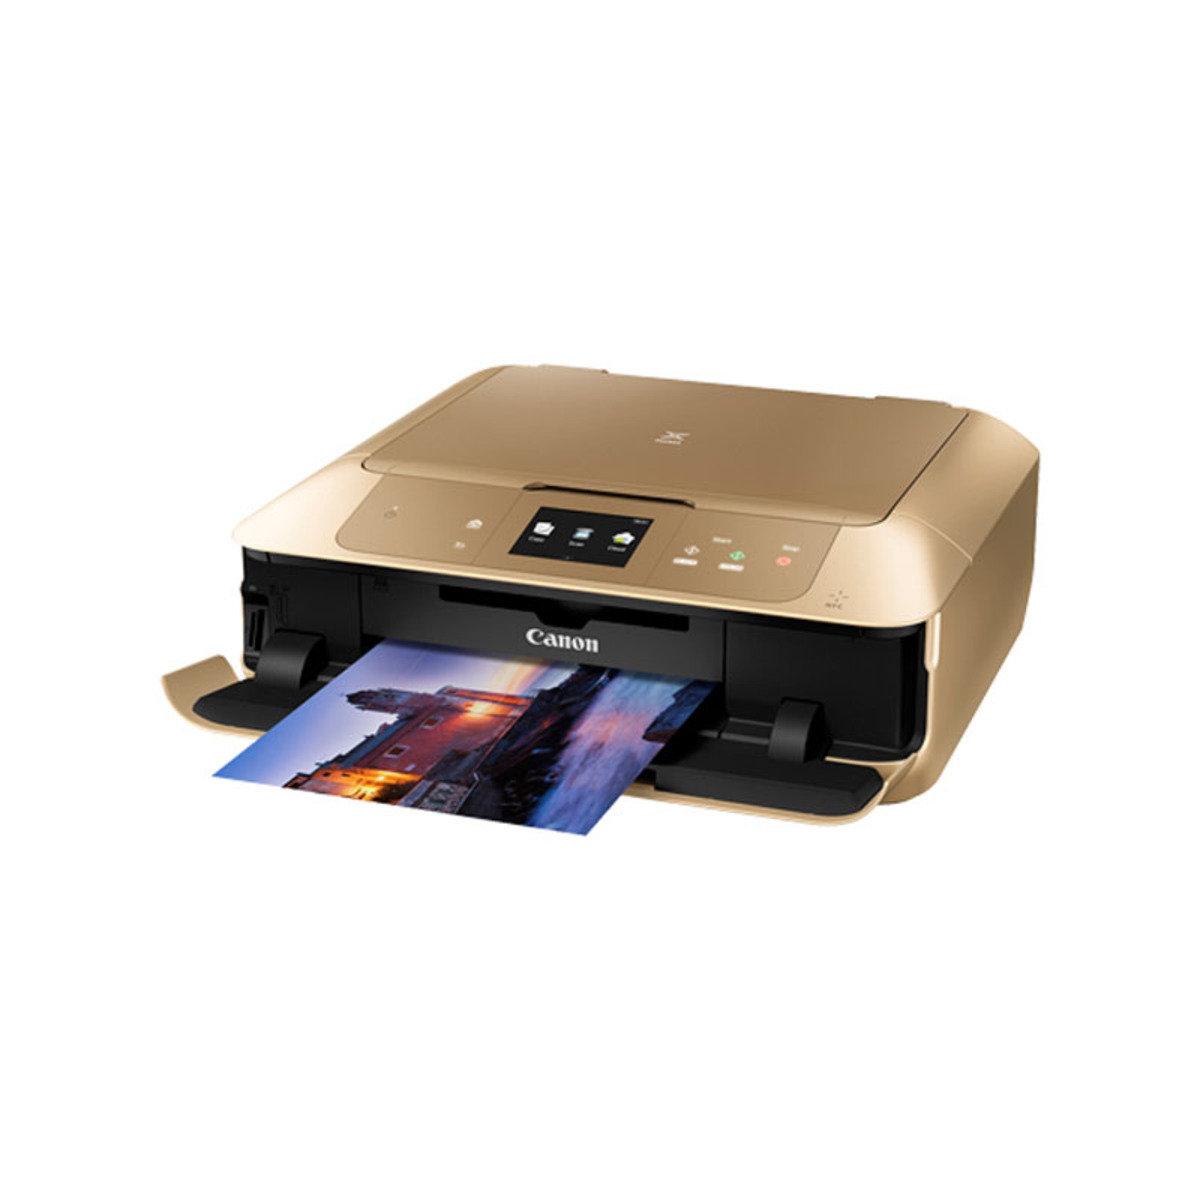 彩色打印 掃瞄 影印 多合一噴墨相片打印機 MG7770 金色